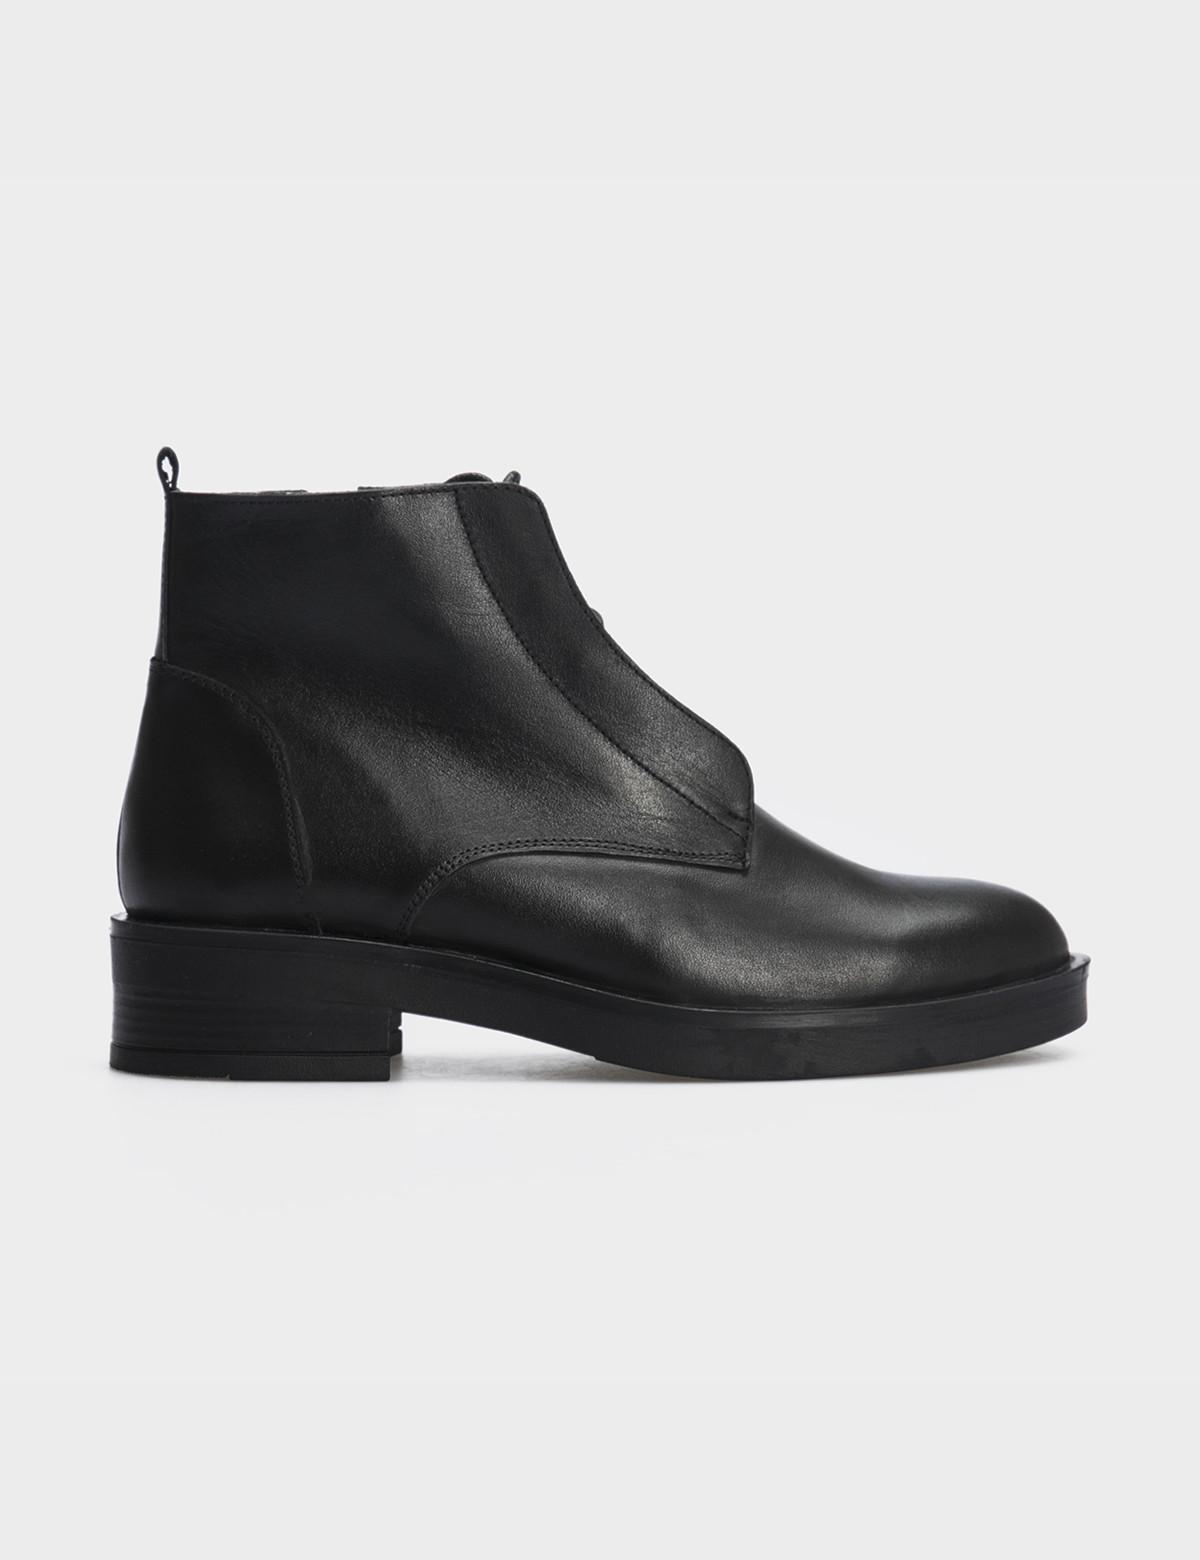 Ботинки черные натуральная кожа. Шерсть